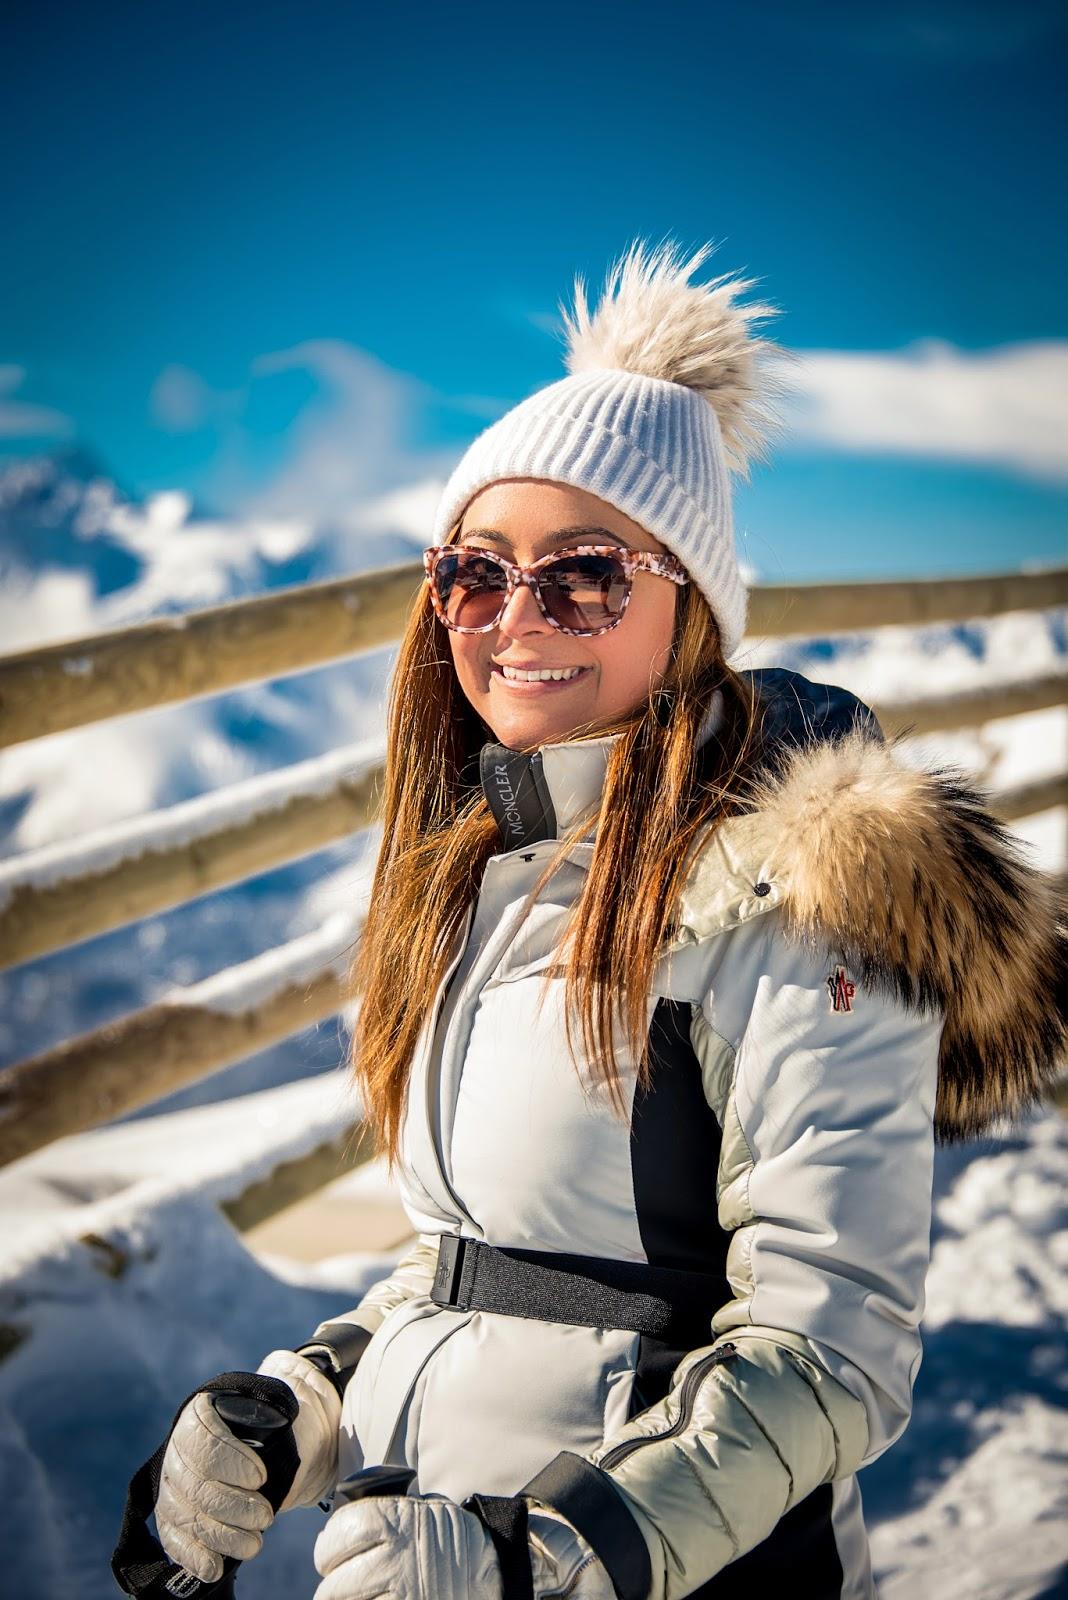 verbier-skiing-luxury-moncler-ski-suit